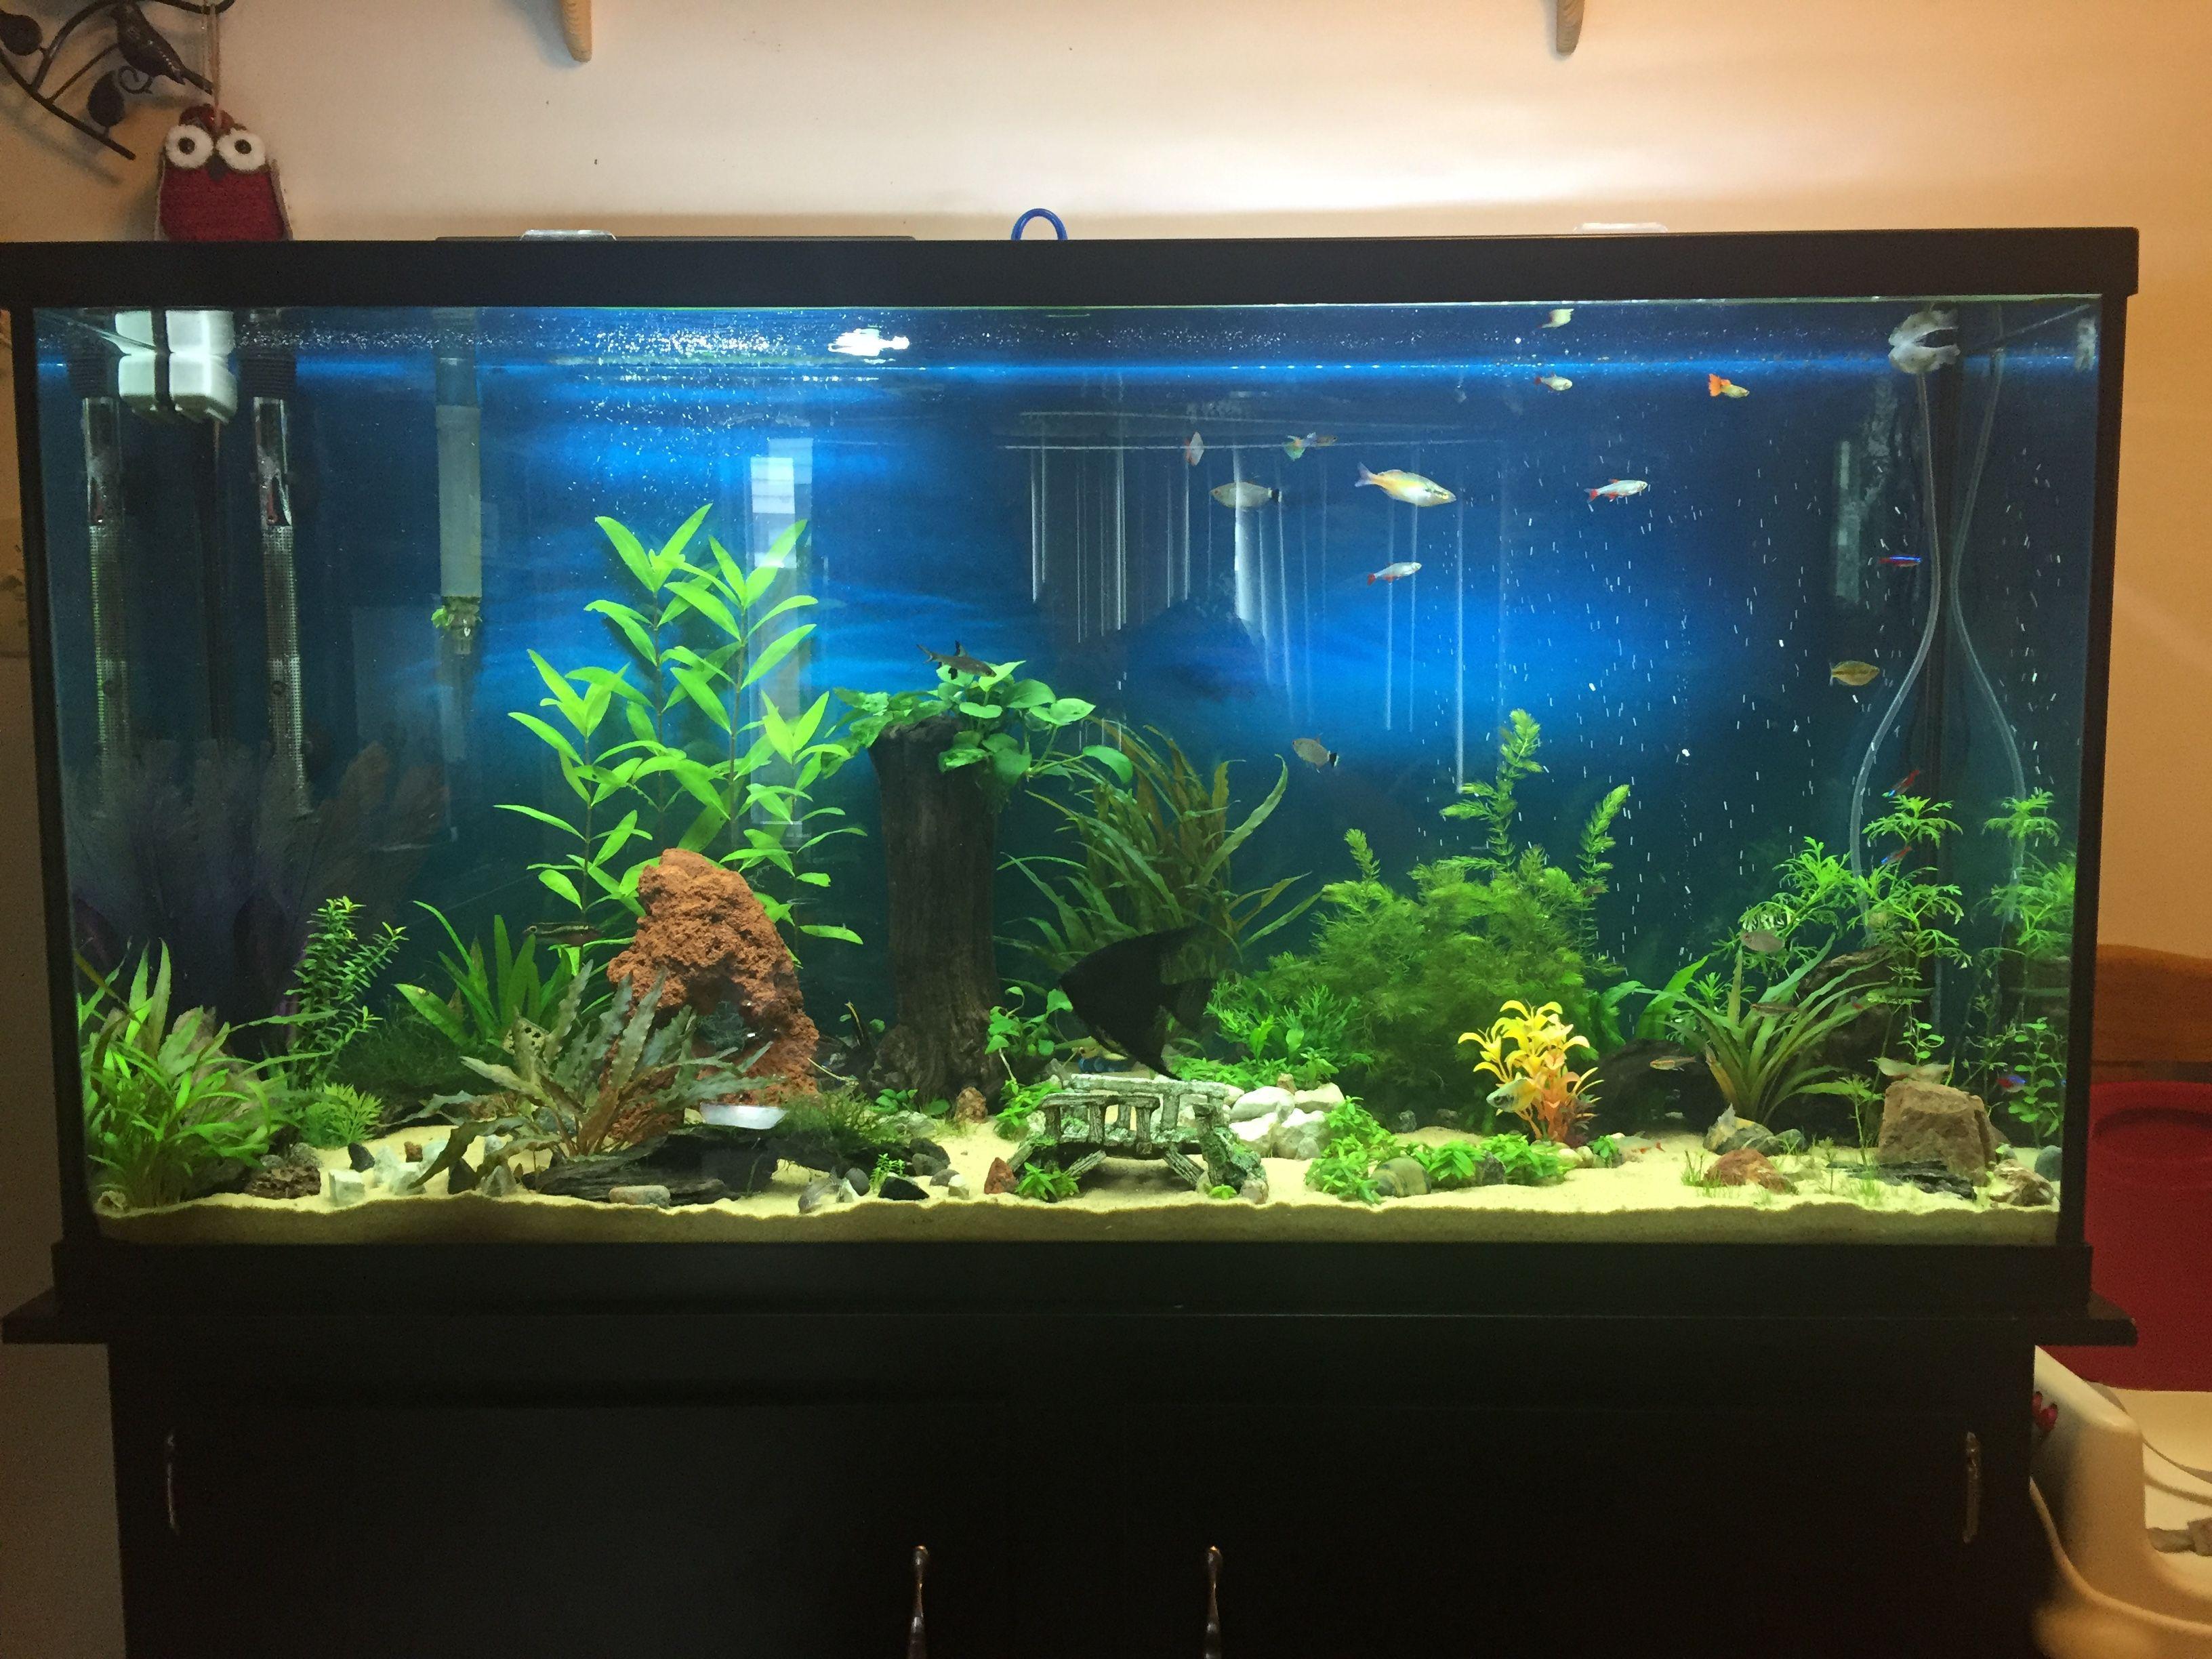 marineland 60 gallon aquarium